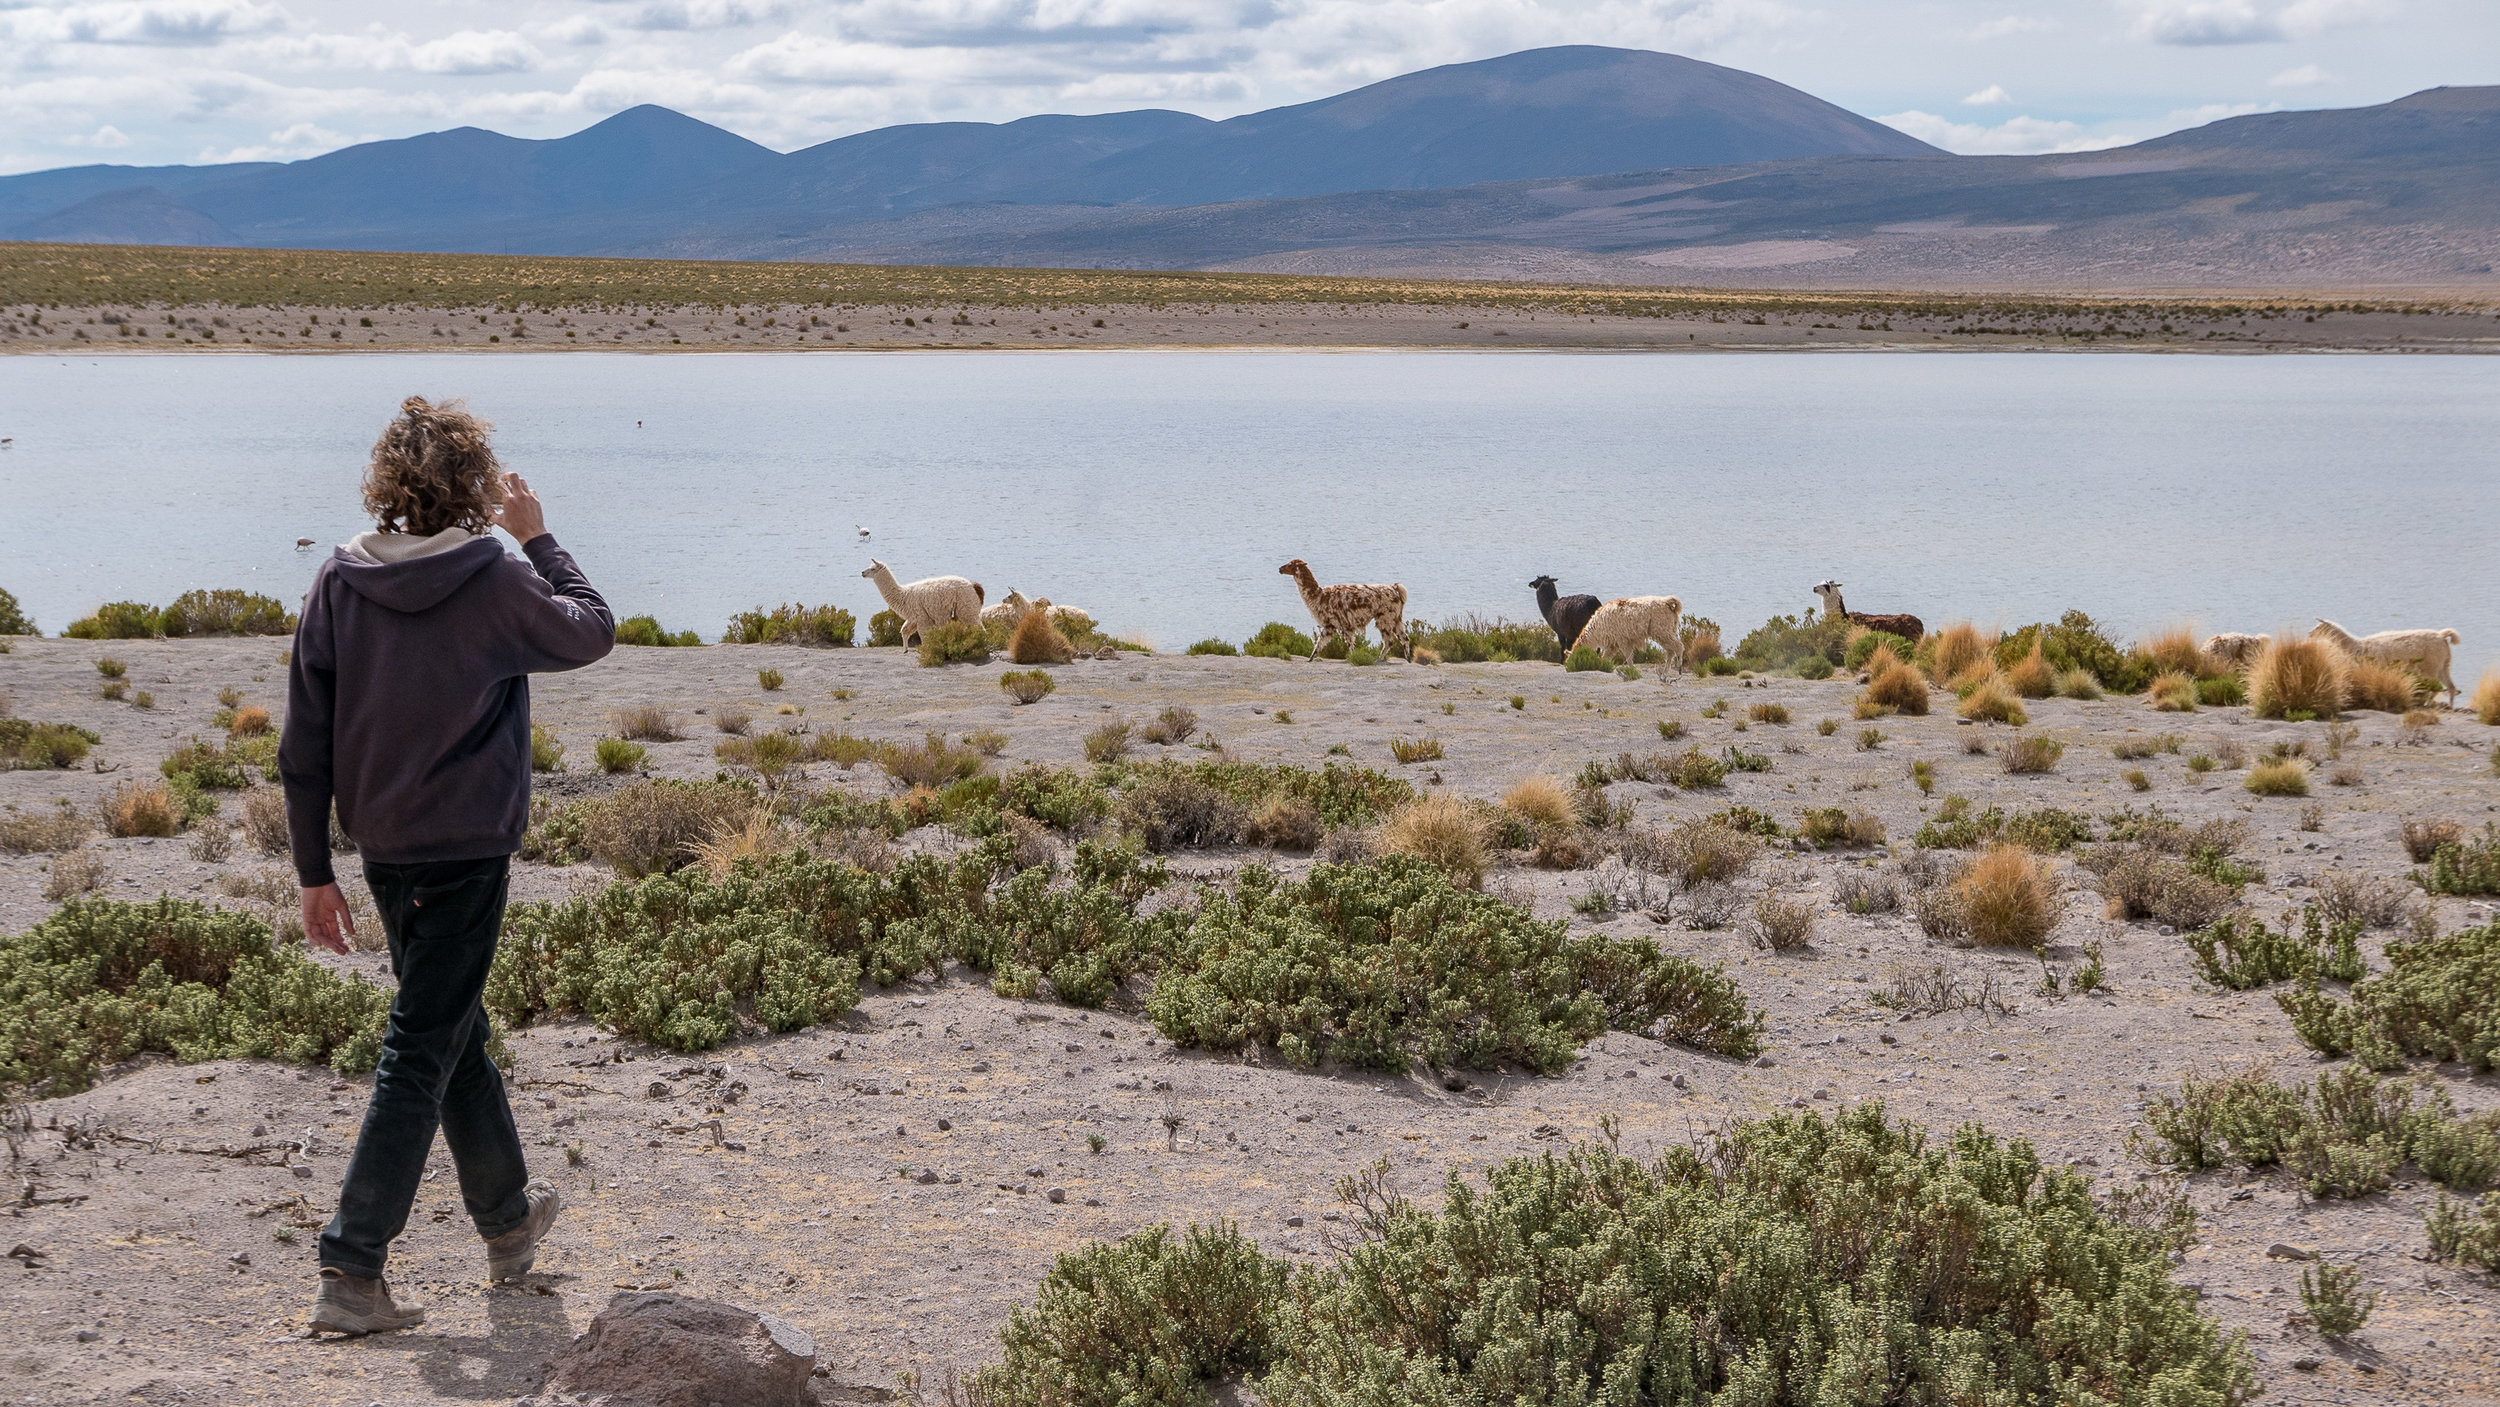 The llama-filmer